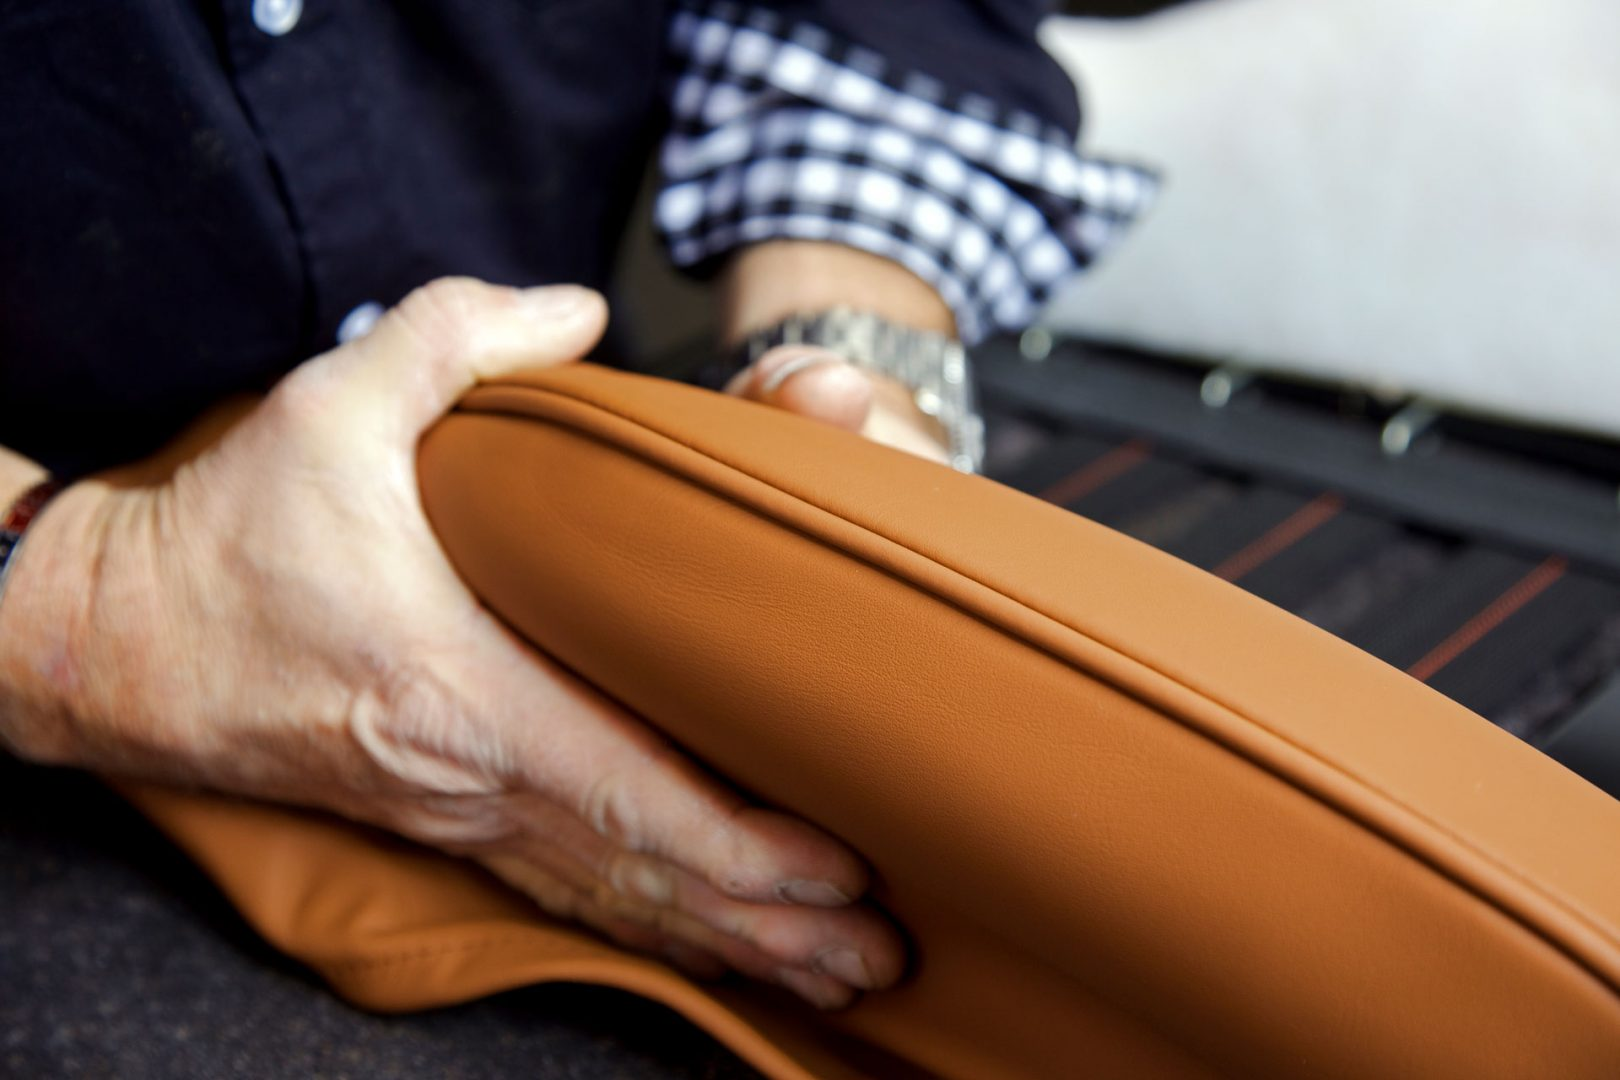 Sattlerei K.M. Lederdesign, Polsterer, Lederverarbeitung beziehen polstern, der Sitz wird bezogen